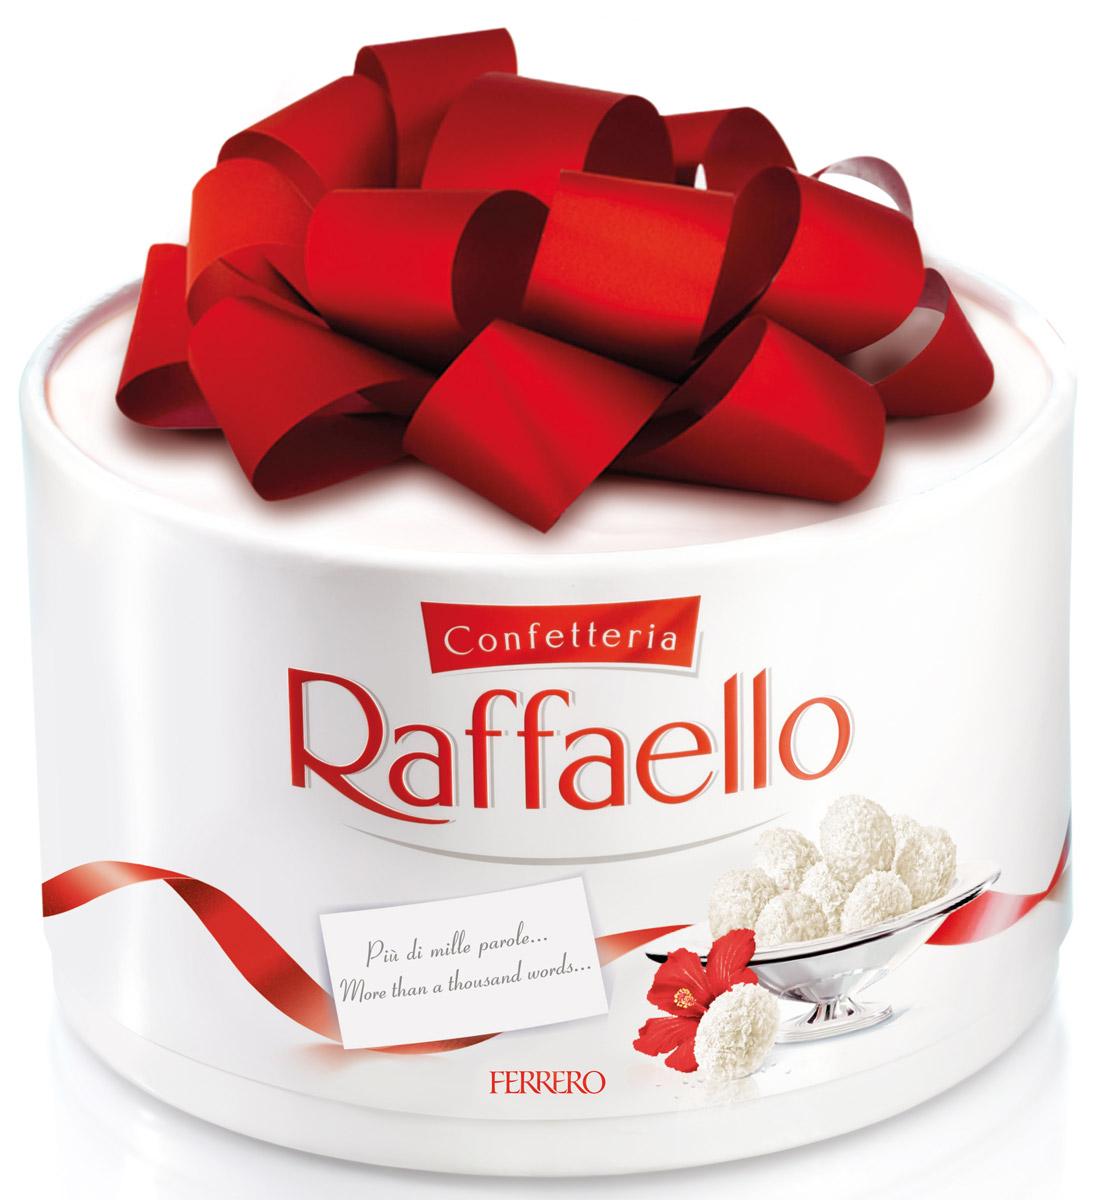 Raffaello конфеты с цельным миндальным орехом в кокосовой обсыпке, 600 г 77115583/77098326/77085047